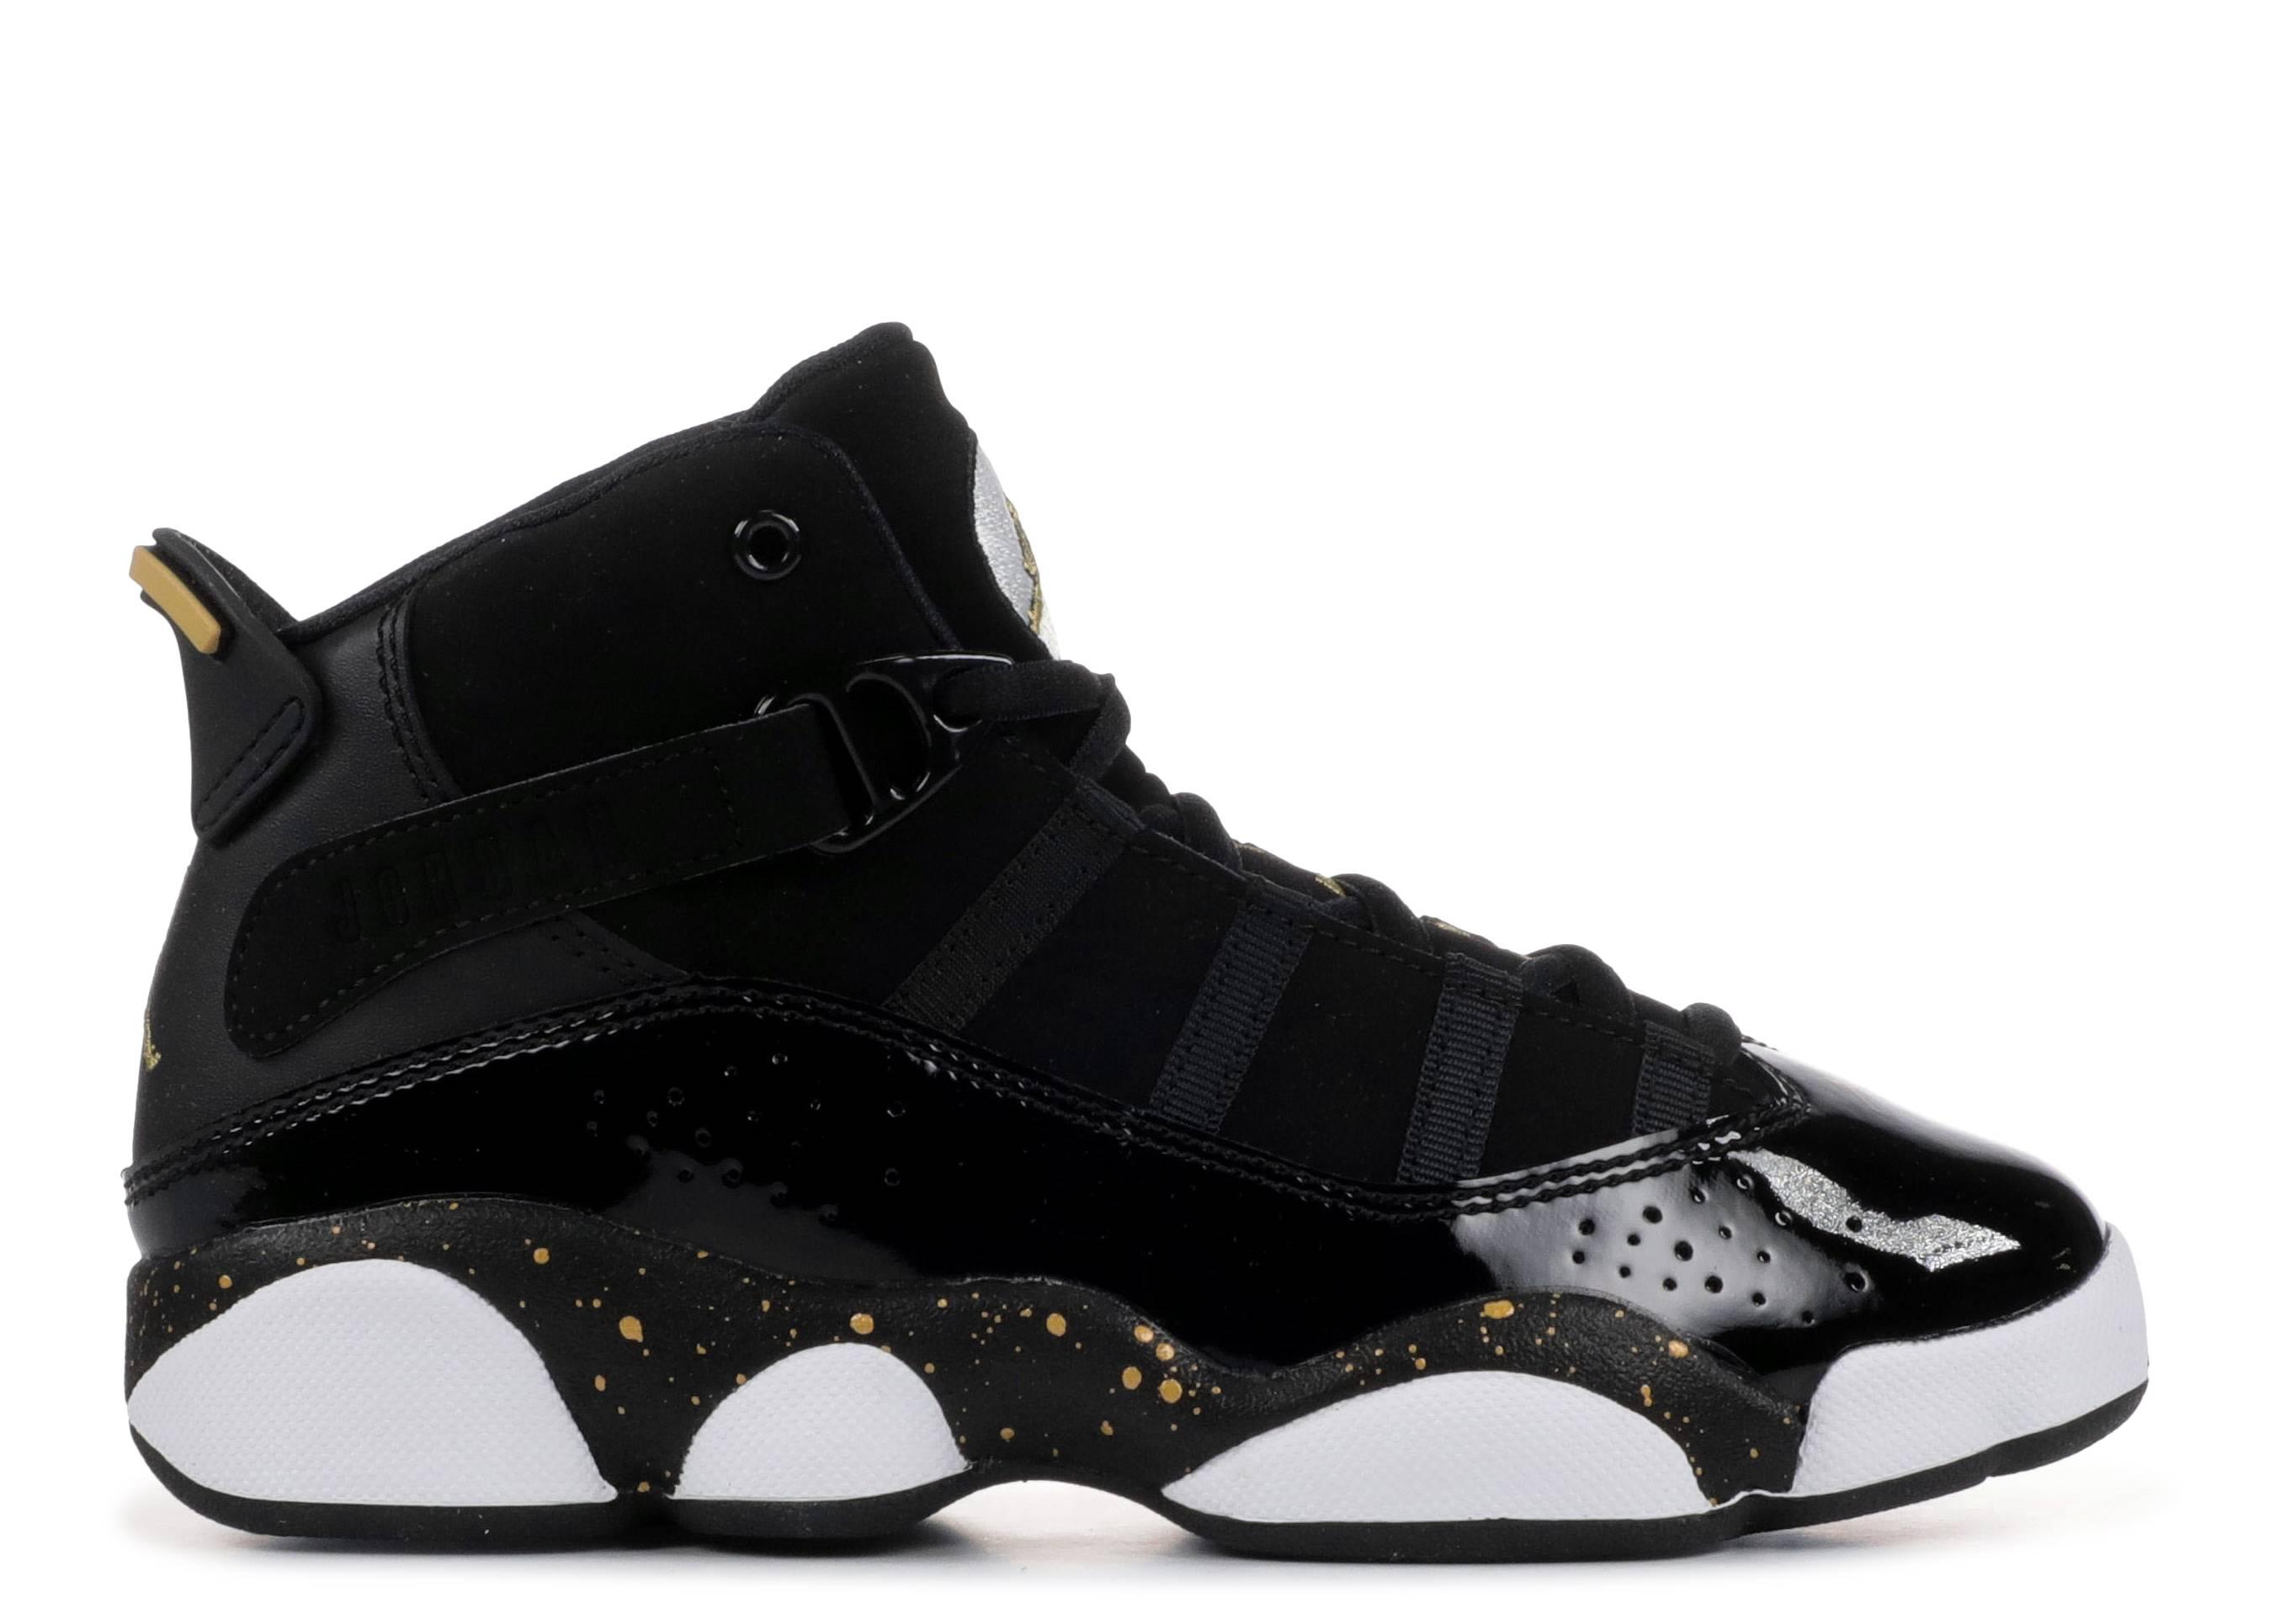 699ec09f31d 6 Rings - Air Jordans | Flight Club